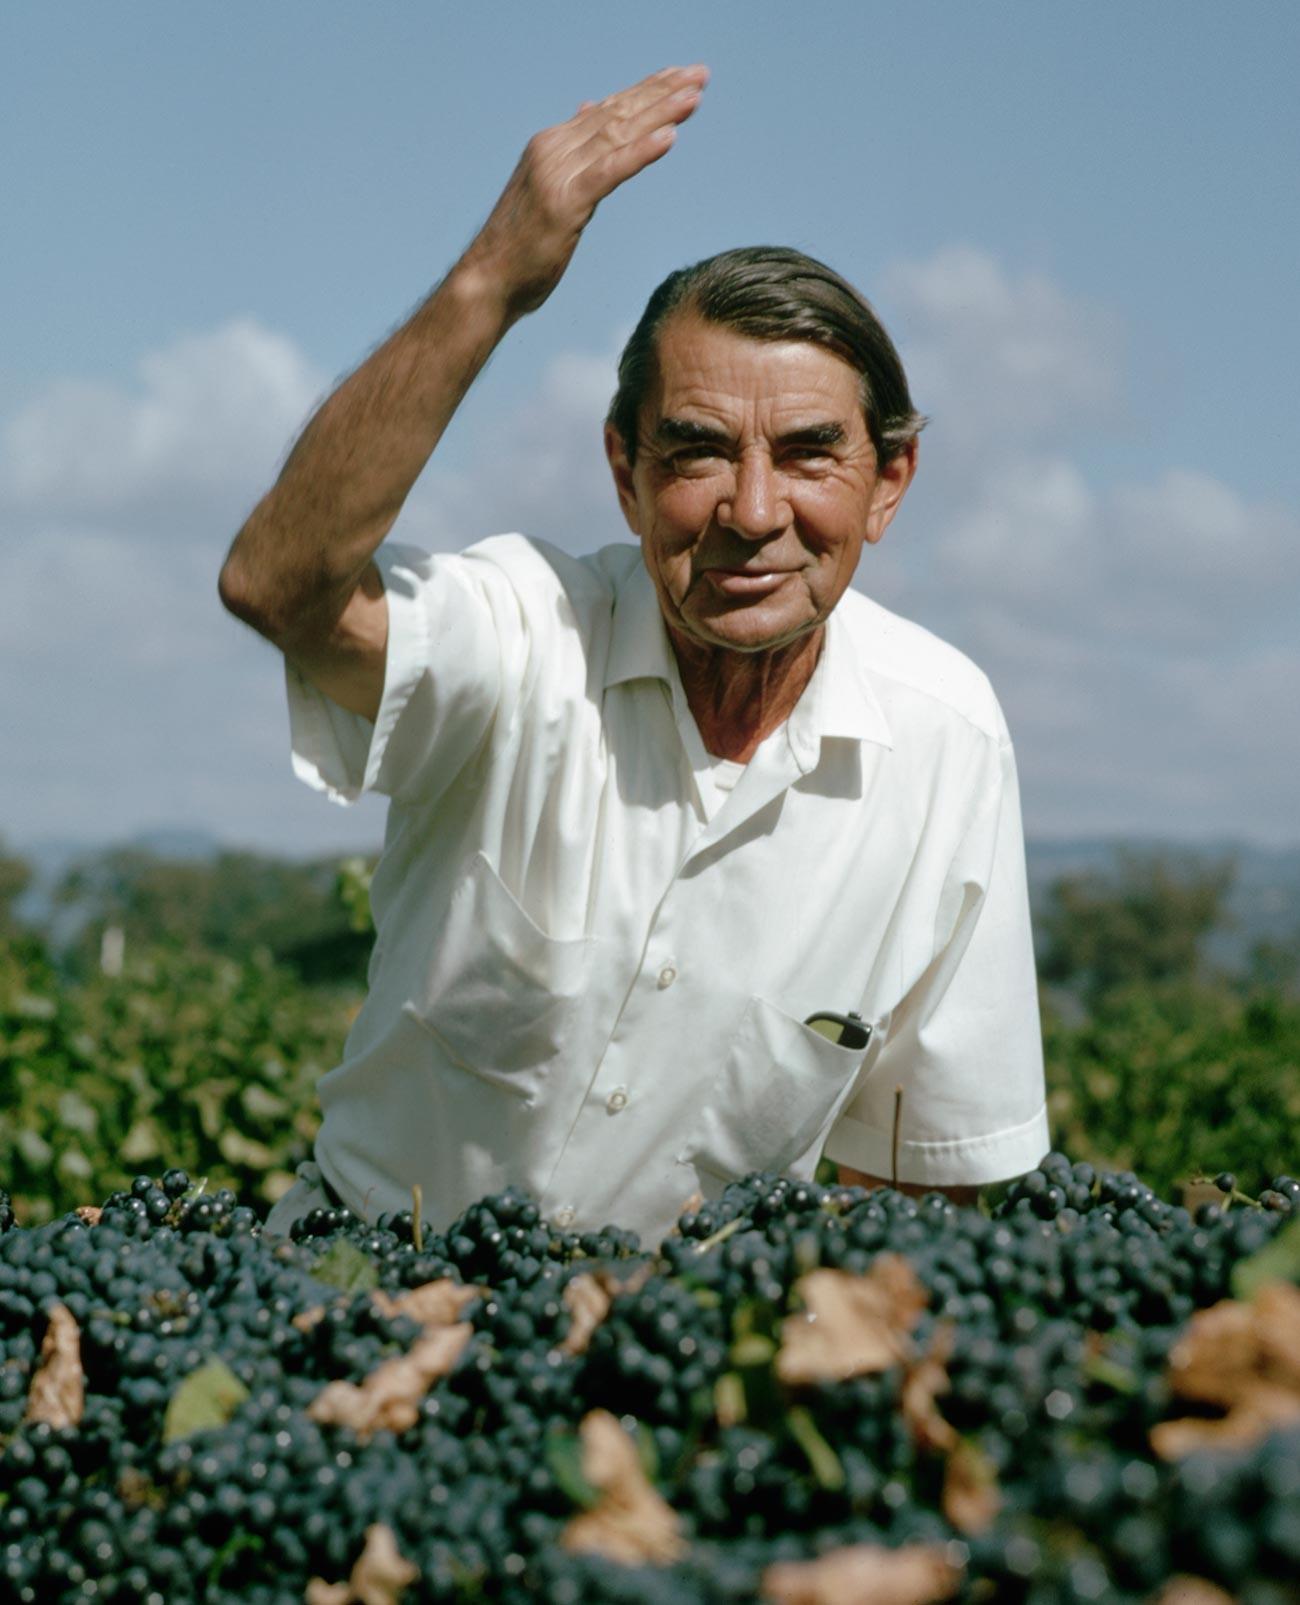 Winemaker André Tchelistcheff.